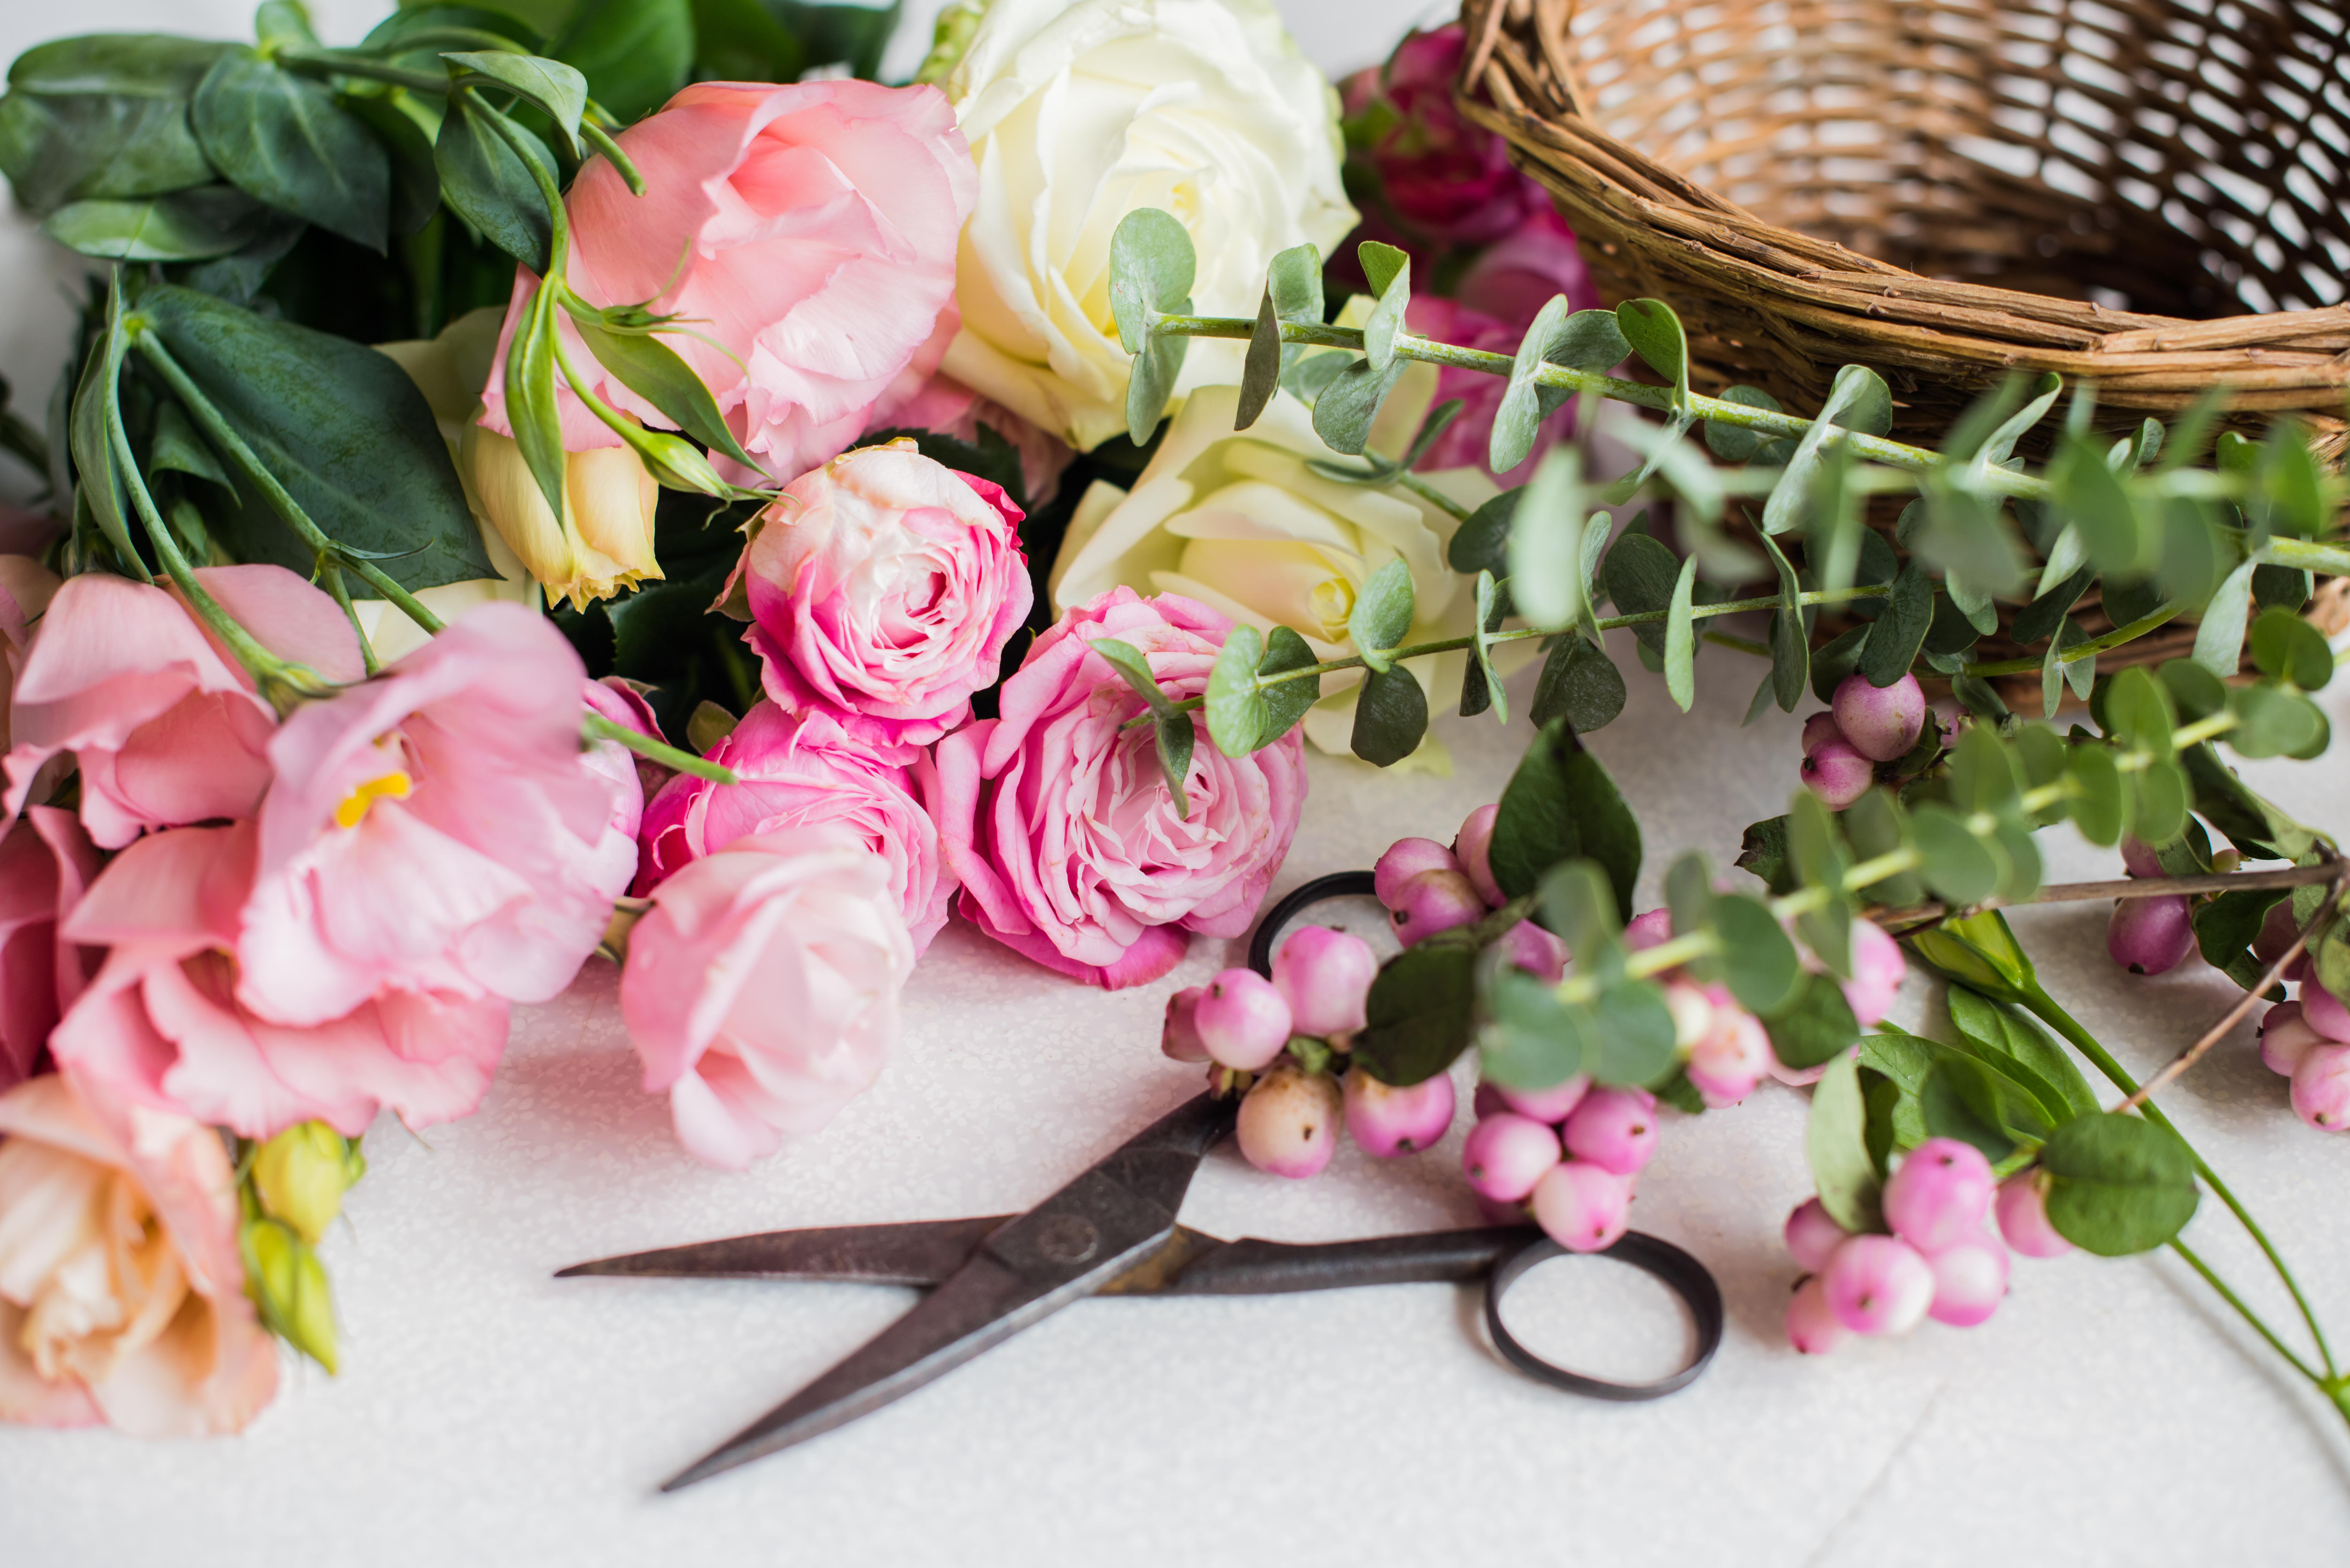 2cc9b892f Kytica ako darček na narodeniny alebo ako ospravedlnenie? Dávajte si pozor  na symboly kvetov! | Kvety z lásky